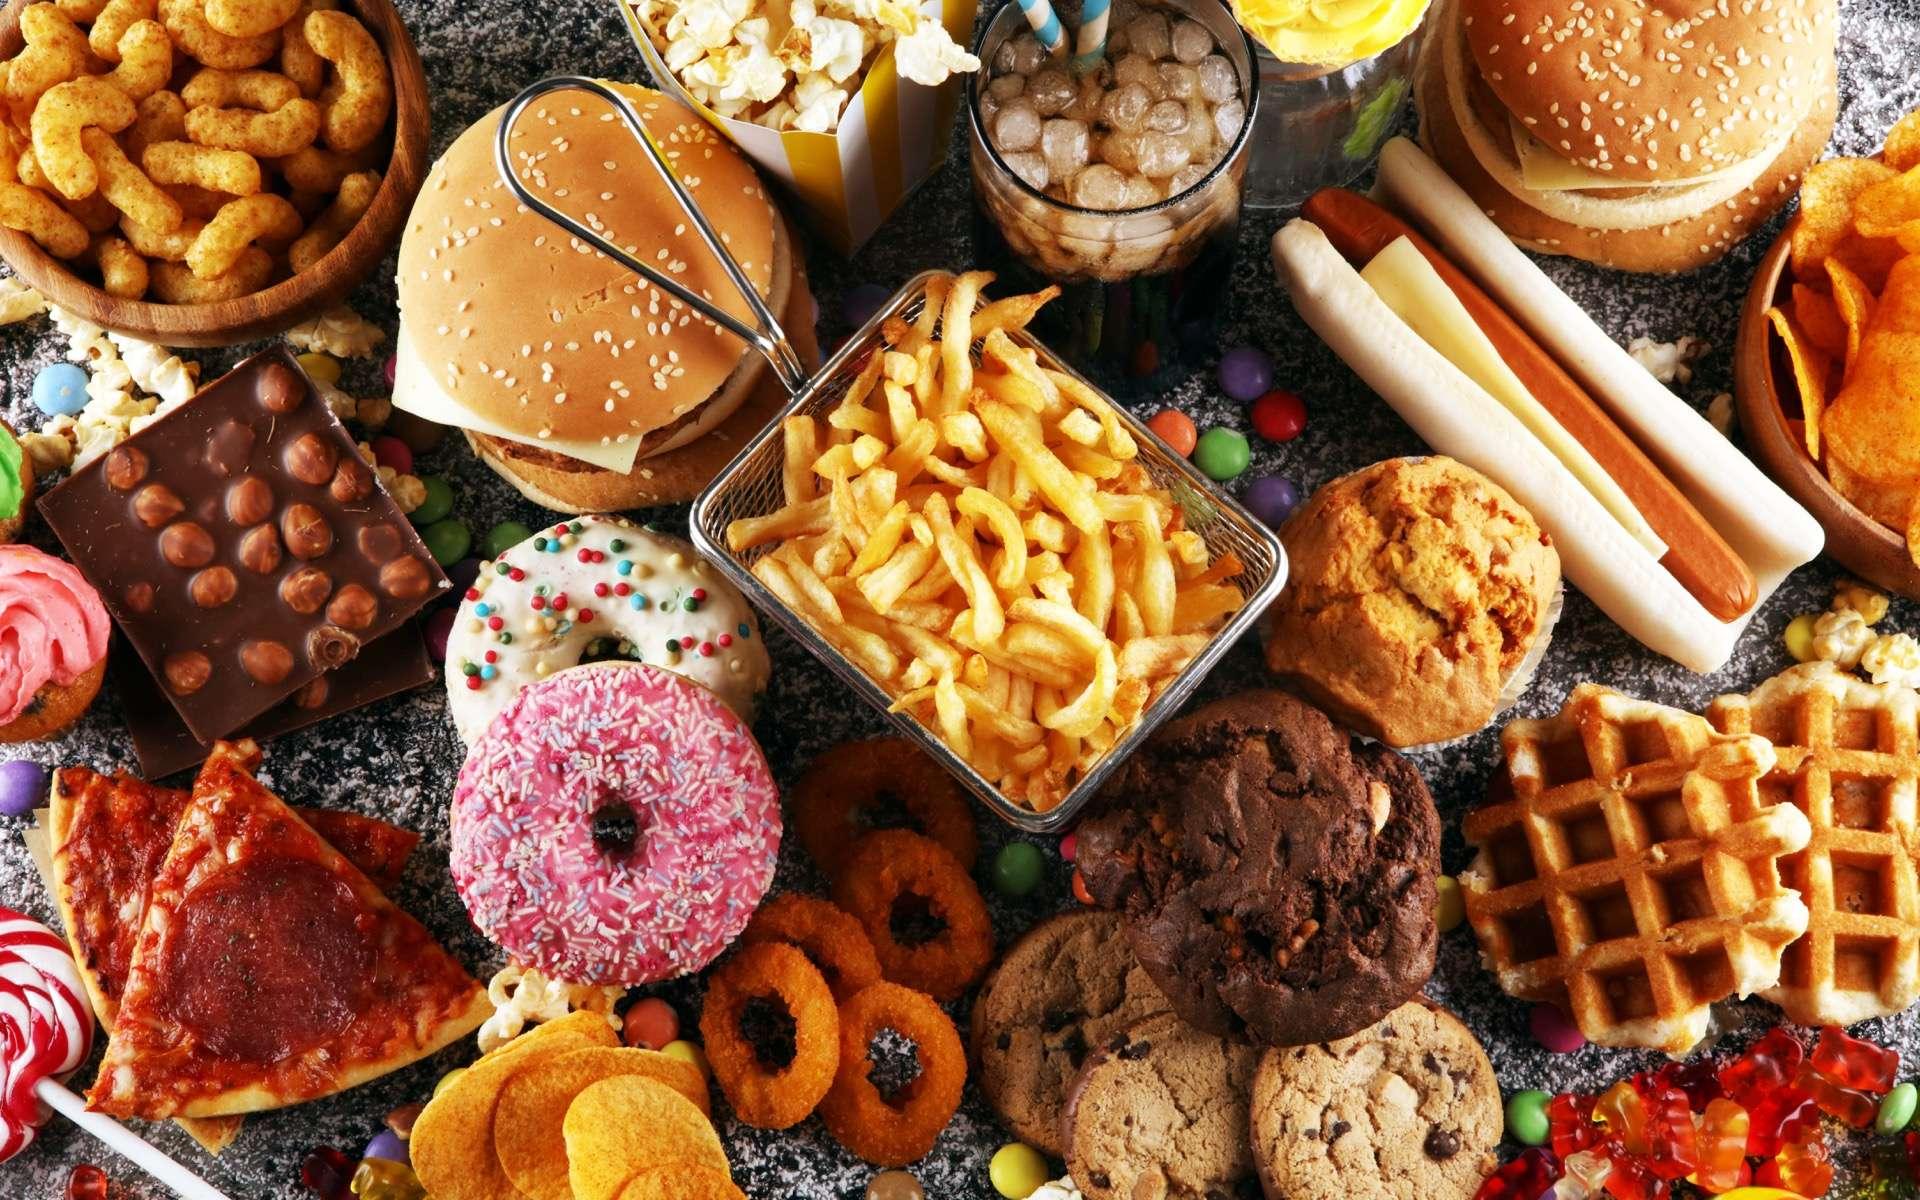 Les graisses trans se trouvent notamment dans les plats frits. © beats_, Adobe Stock